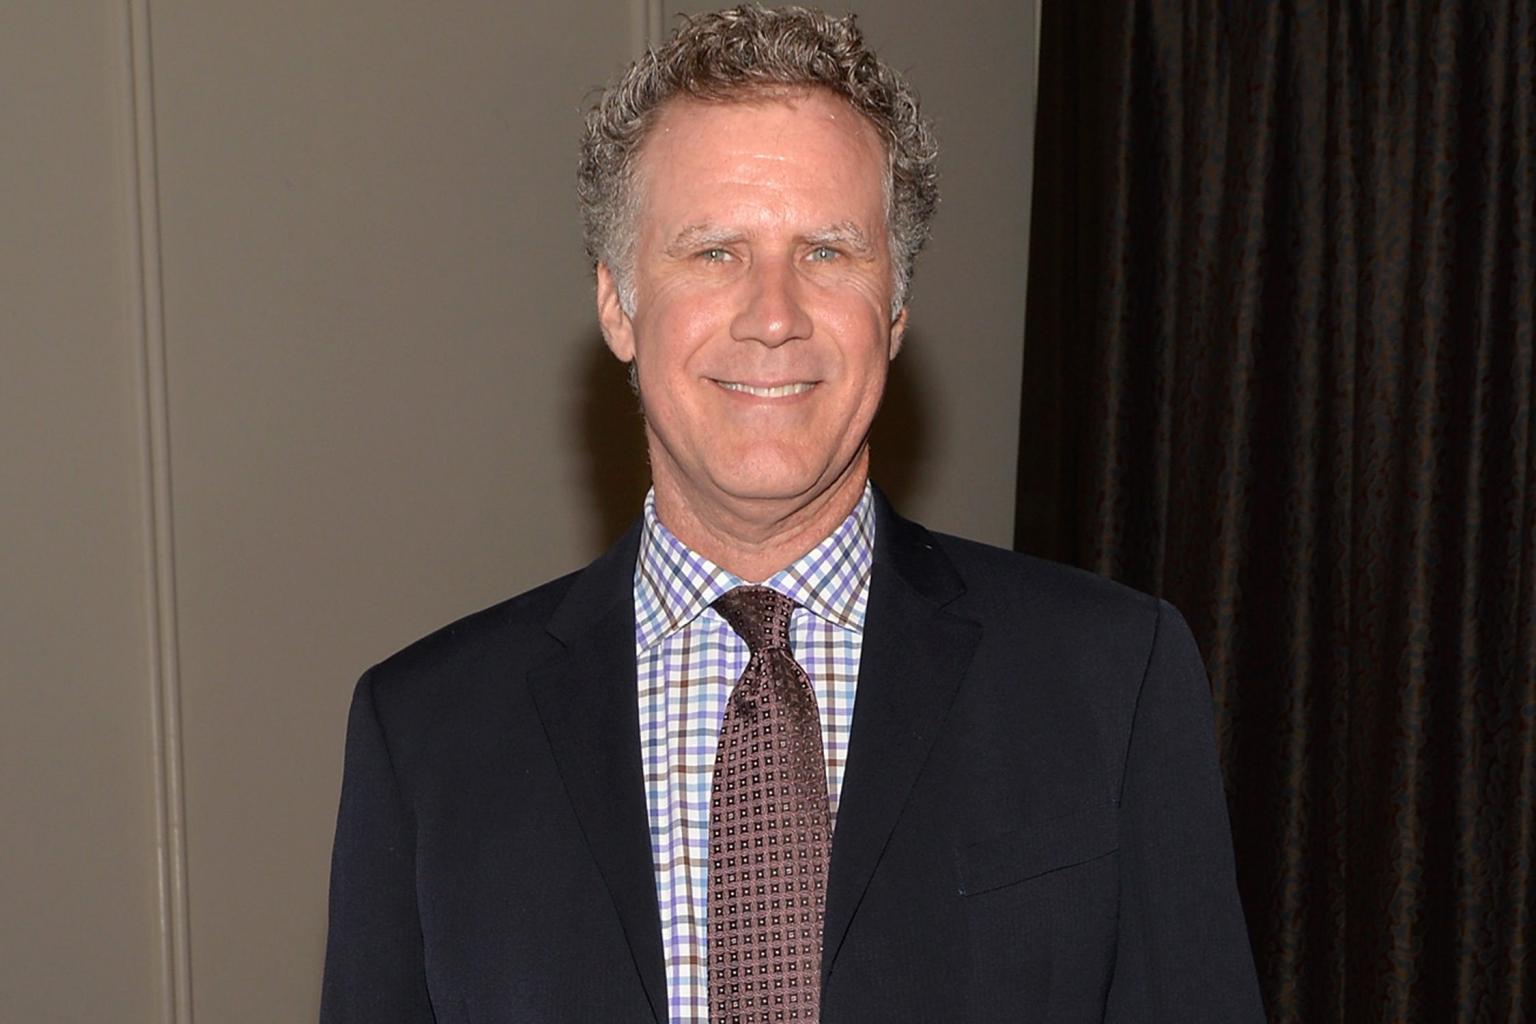 Will Ferrell Named 2017 Commencement Speaker for USC